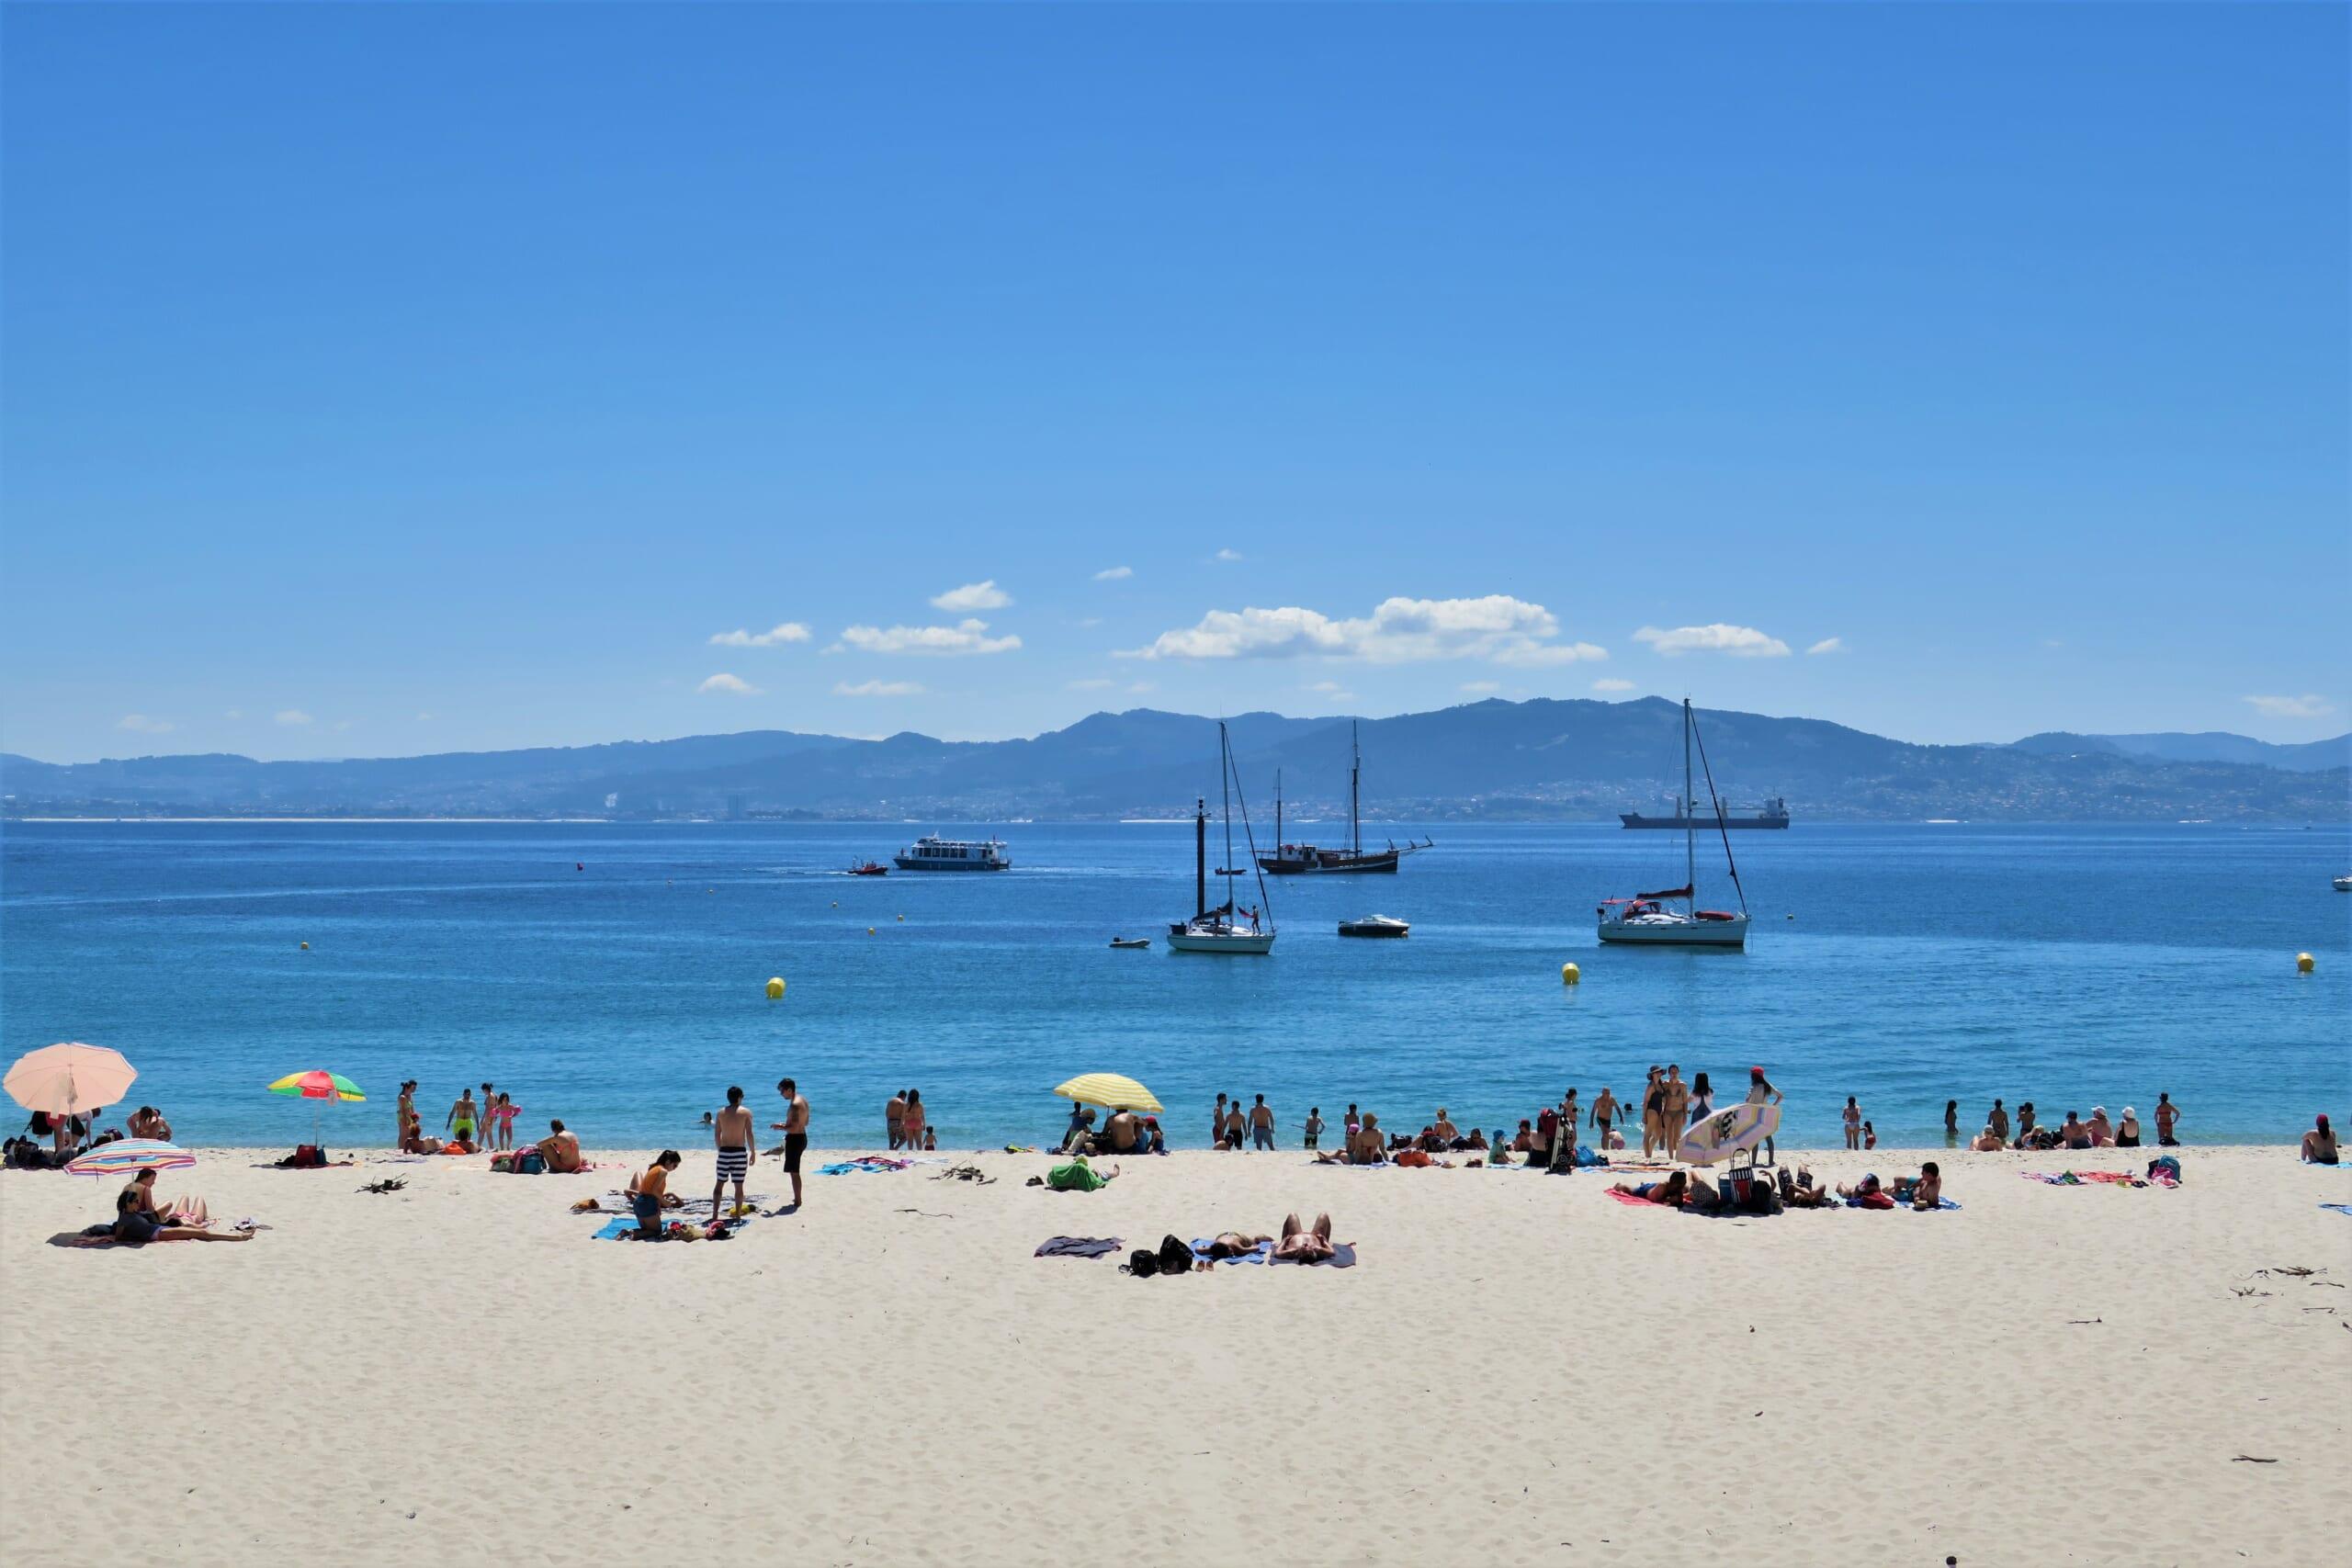 北スペインの観光スポットであるガリシアのシエス諸島から見える対岸のビーゴ。